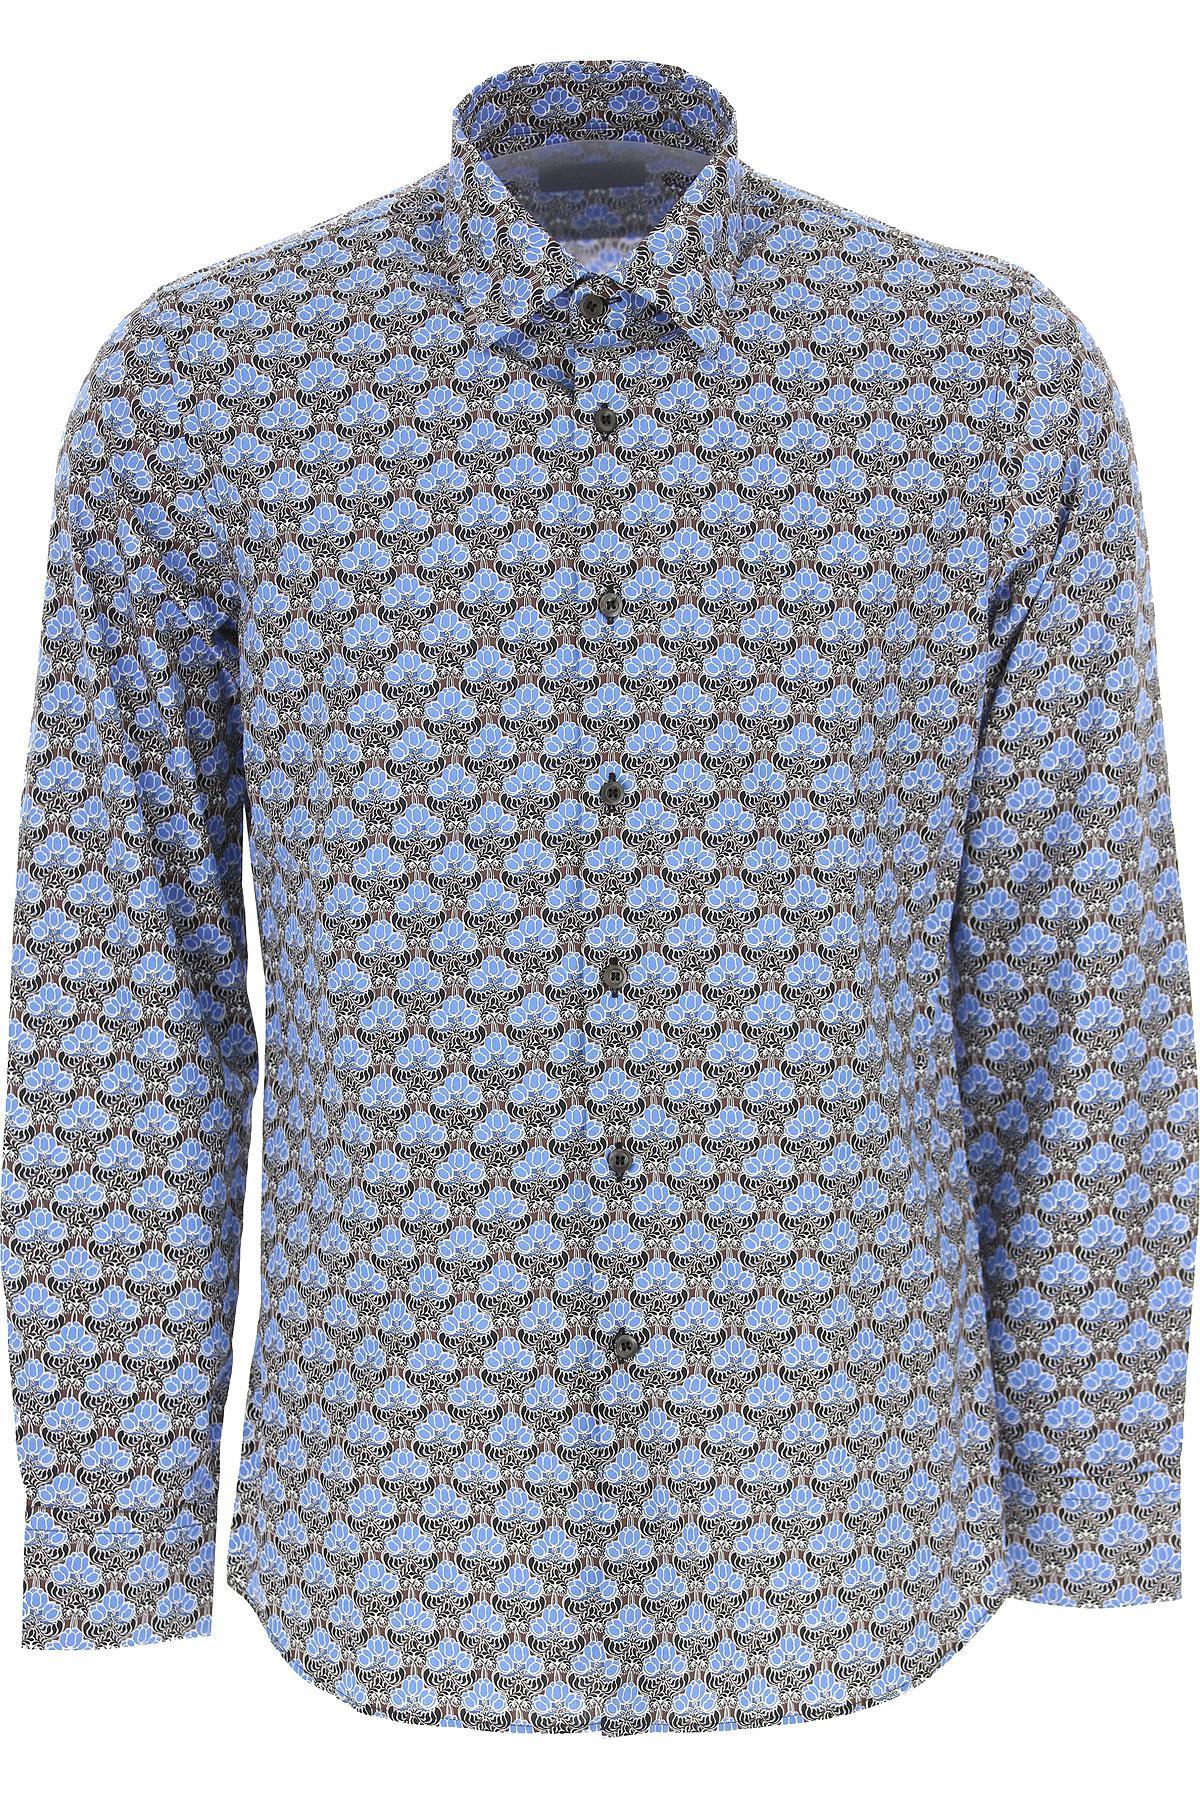 87f722f9fb Lyst - Prada Clothing For Men in Blue for Men